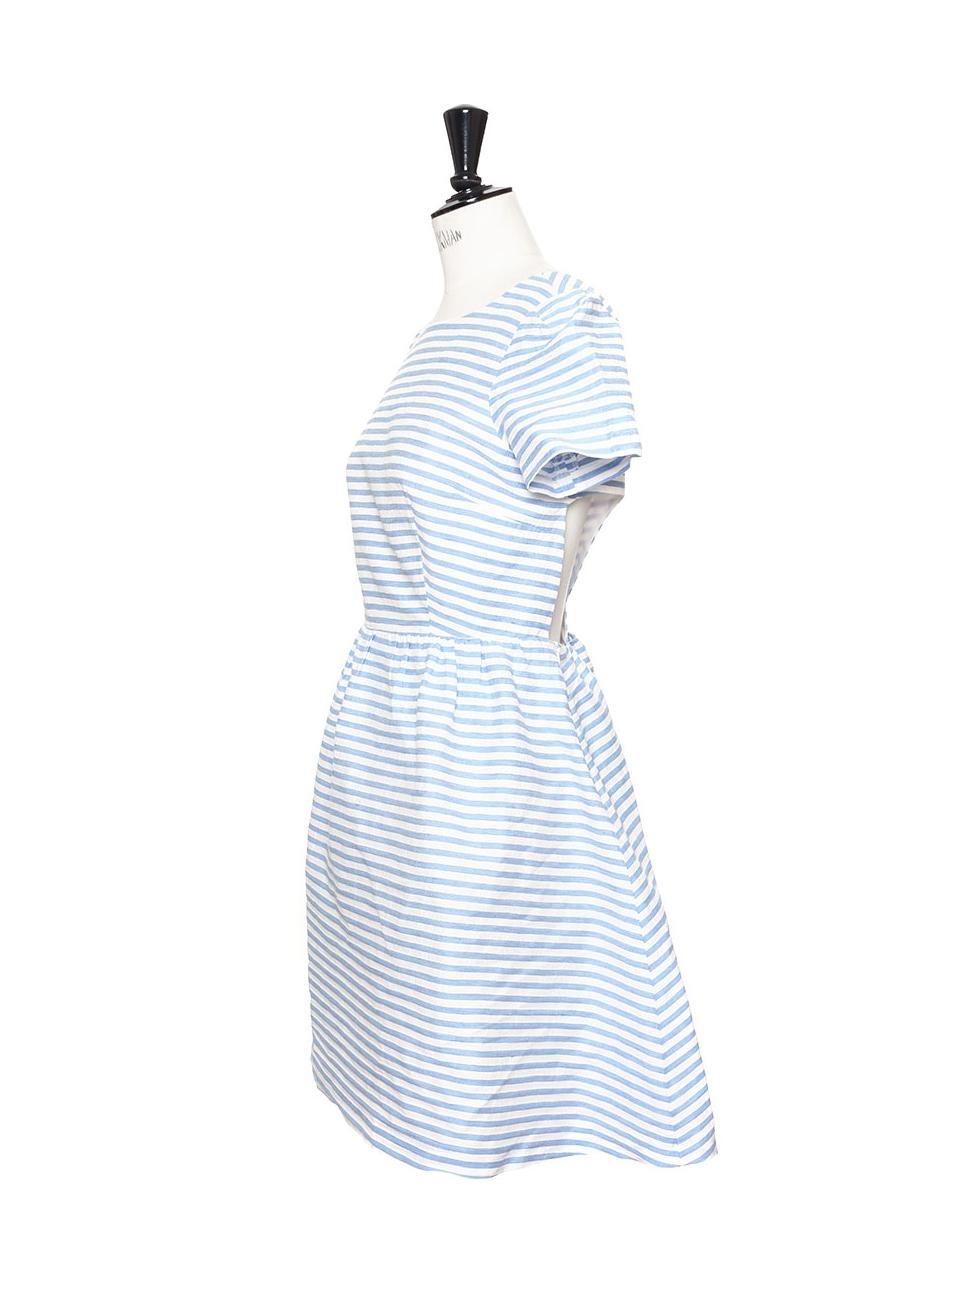 Louise Paris - TARA JARMON Robe manches courtes dos croisé en coton et lin  rayée bleu ciel et blanc Px boutique 250€ Taille 38 40 797628168b7